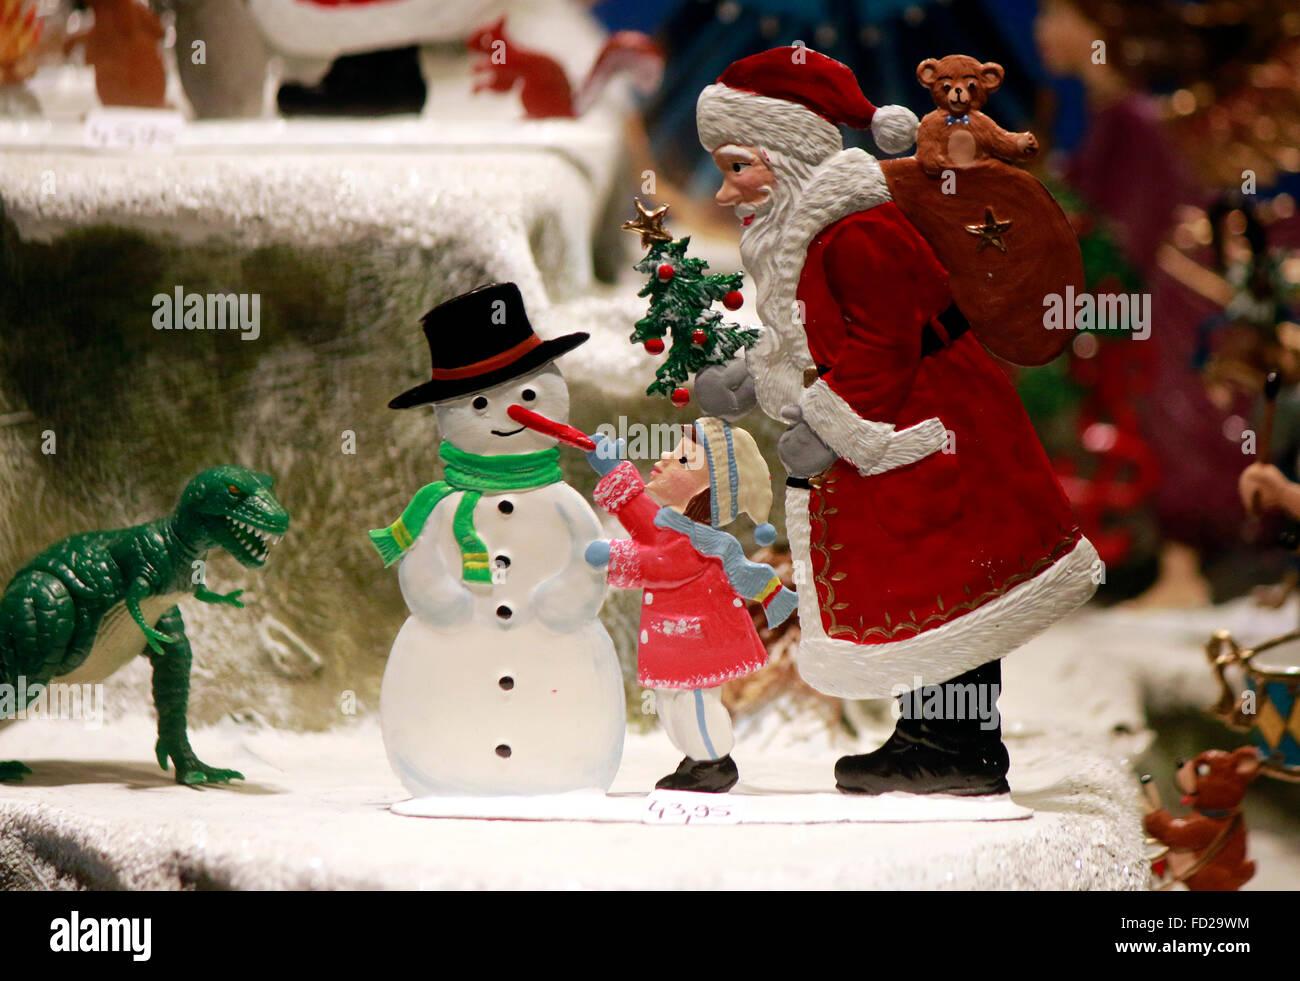 Schneemann stock photos schneemann stock images alamy - Schaufensterdekoration weihnachten ...